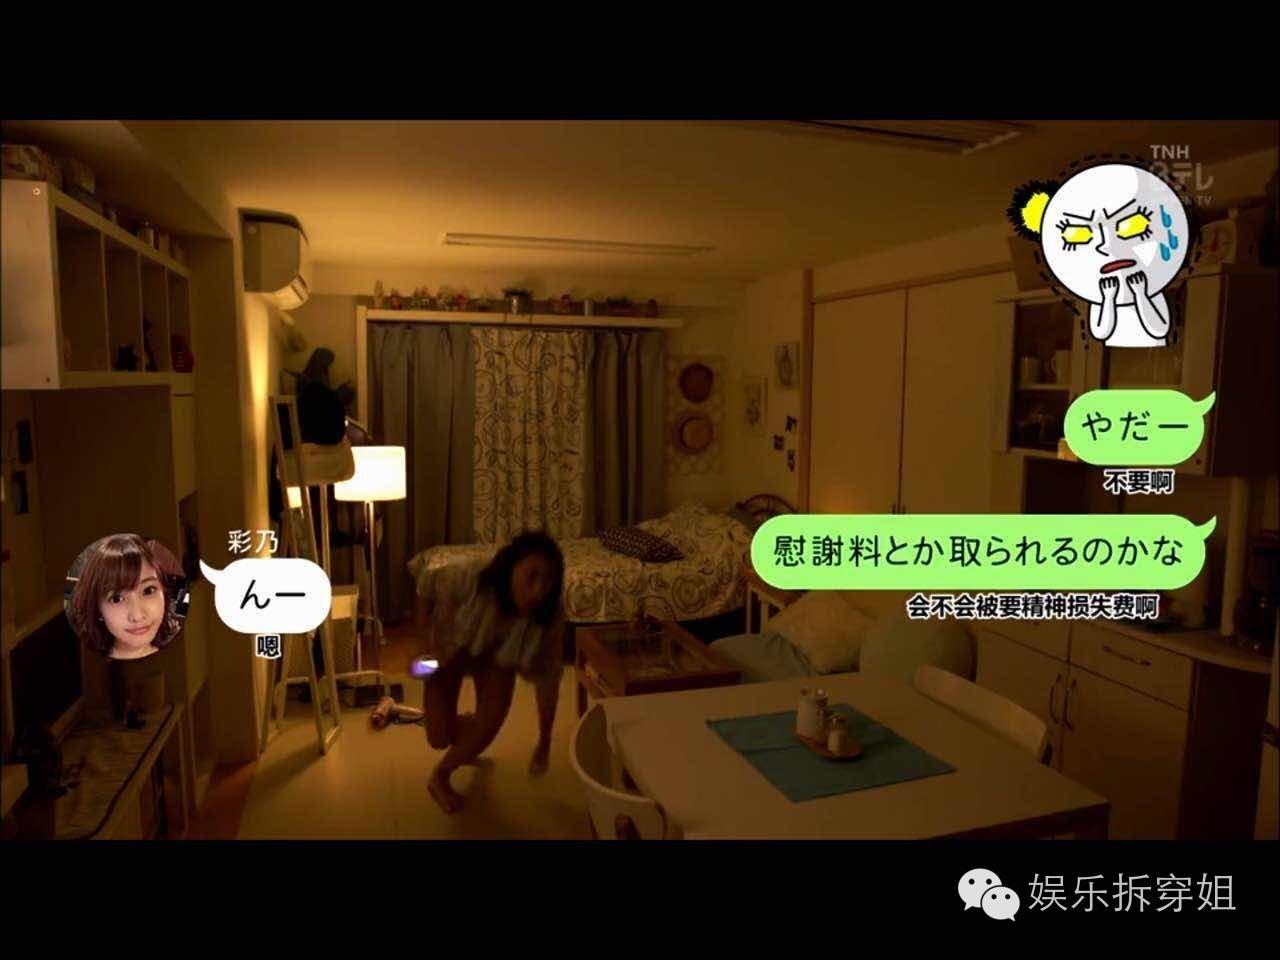 日本乱伦影�_在拍乱伦剧的爱好上,日本人已经不会好了